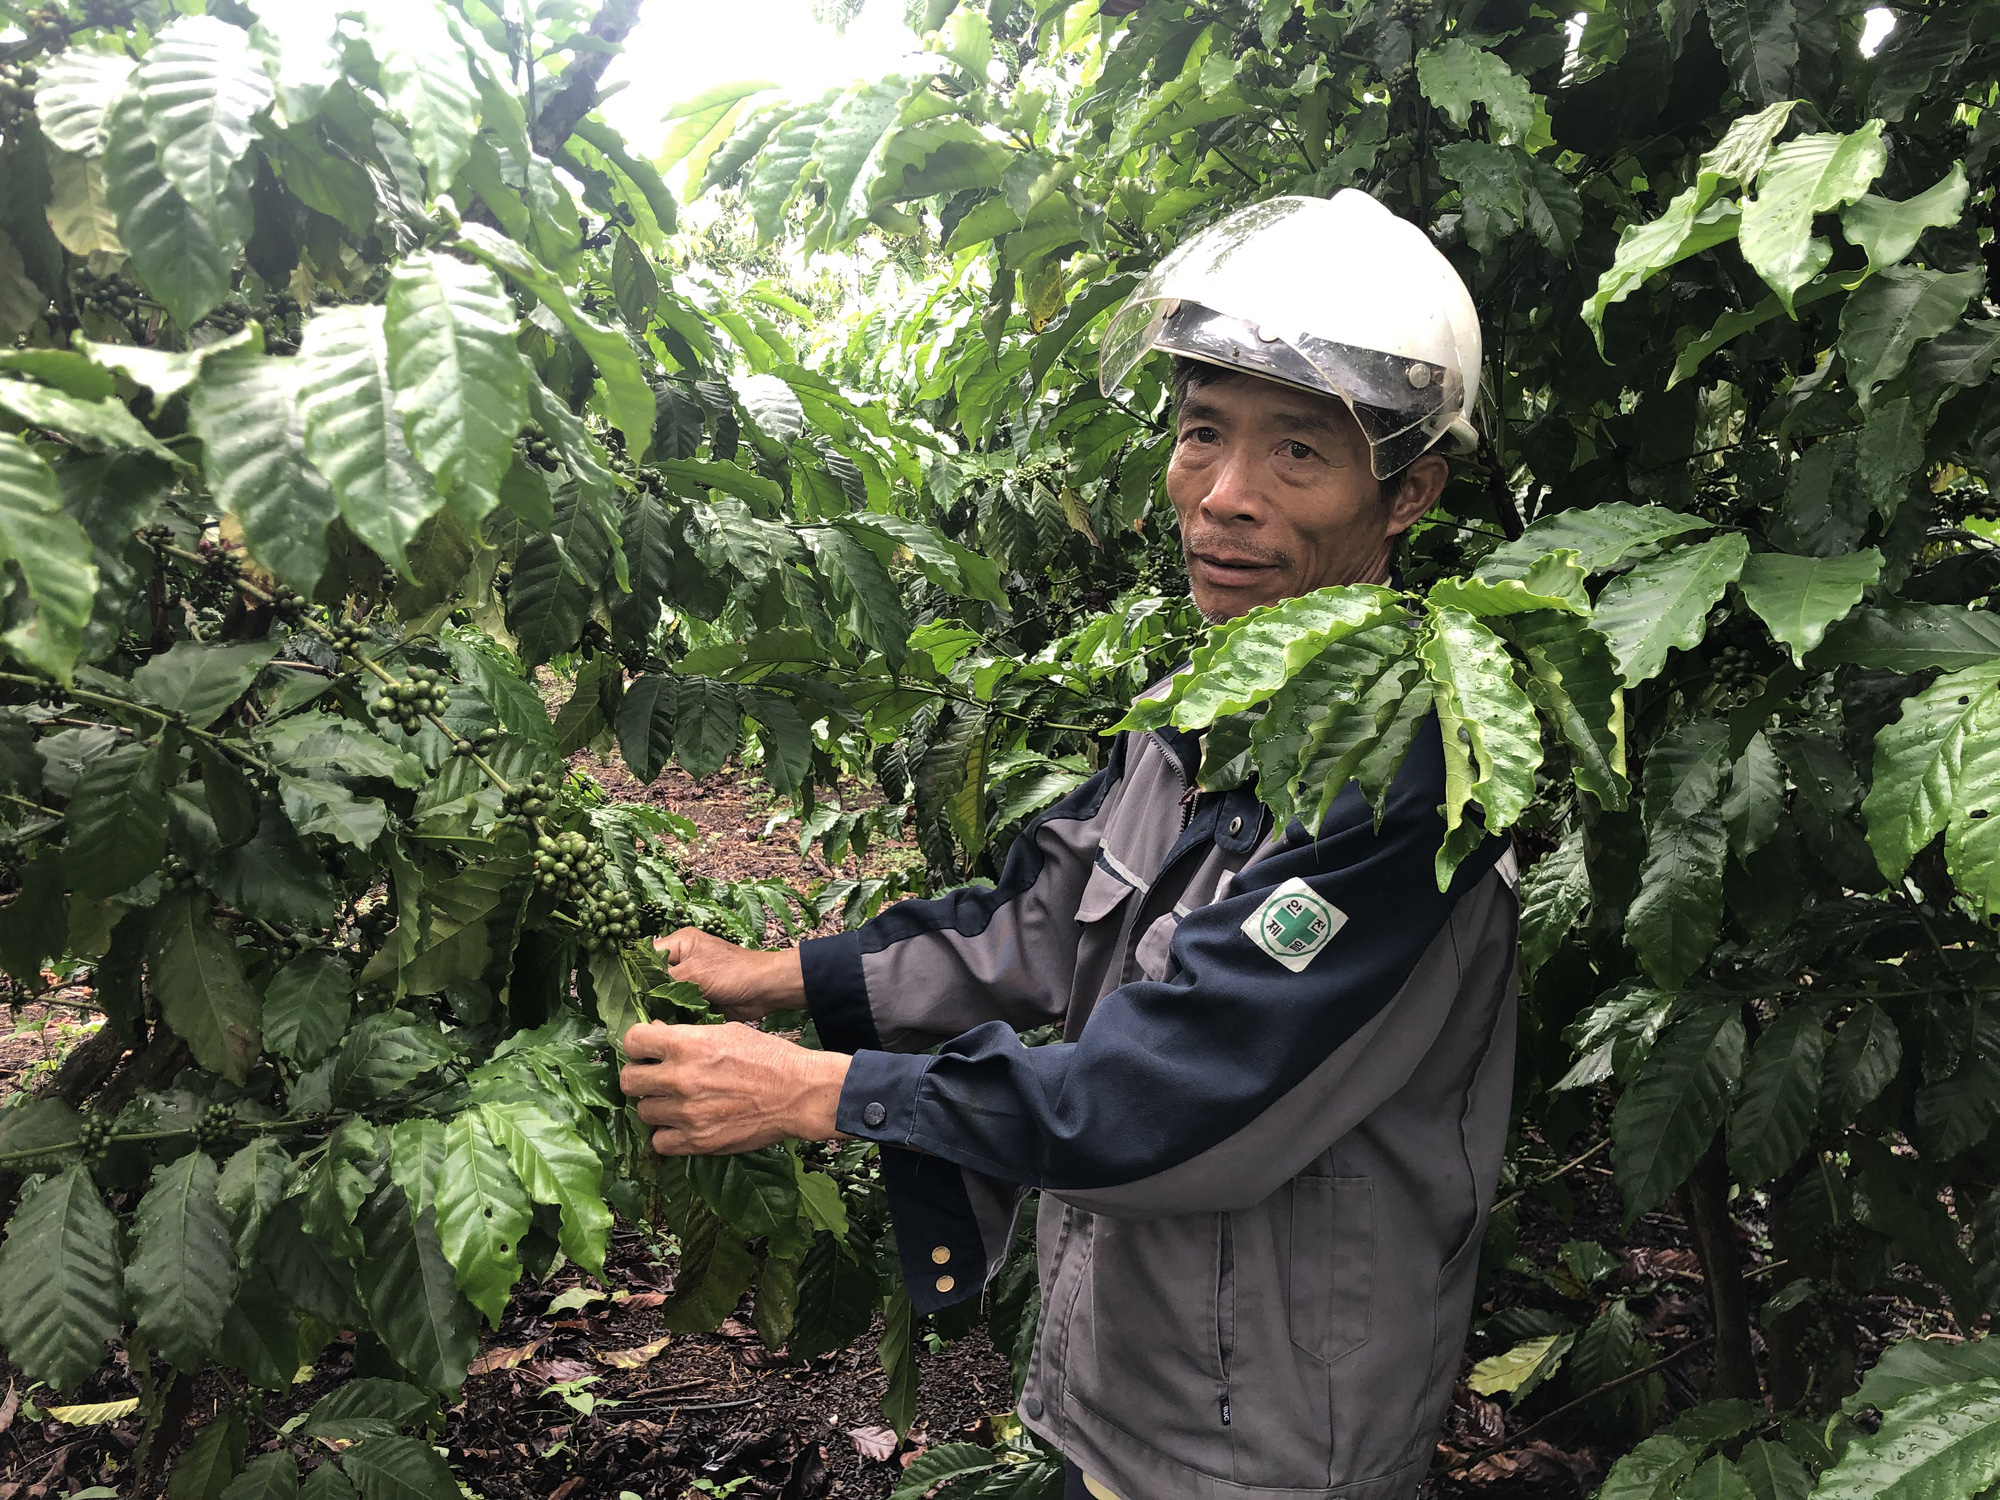 Chăm sóc cà phê mùa mưa: Lời khuyên từ nông dân 25 năm kinh nghiệm - Ảnh 1.